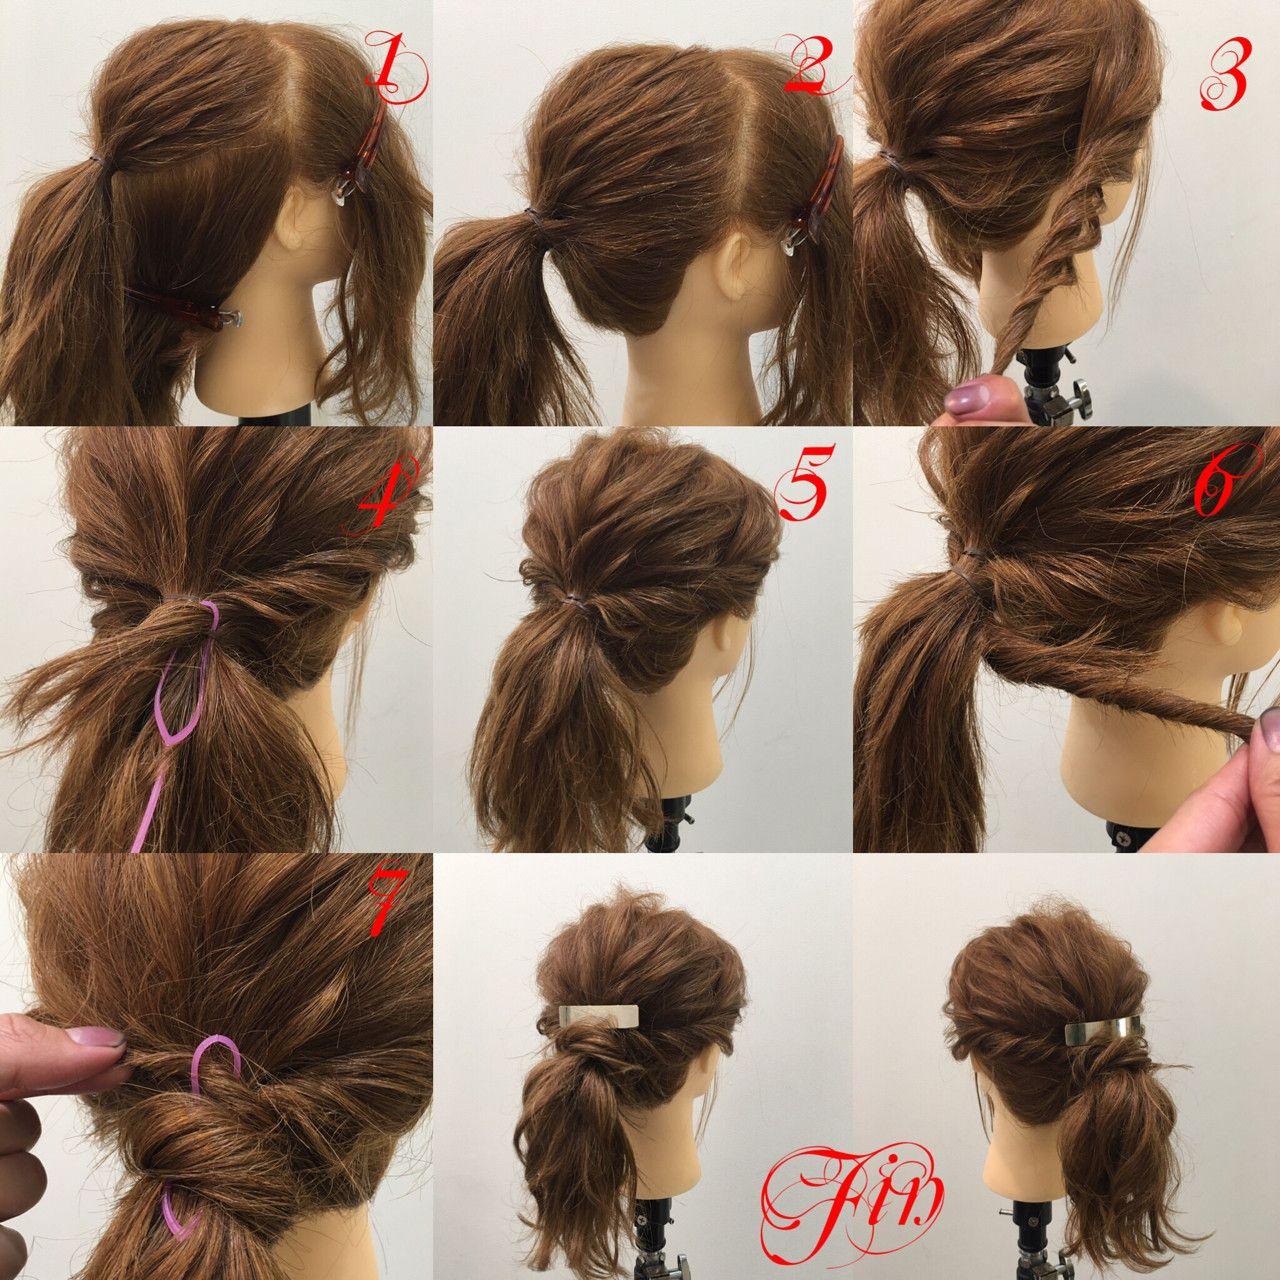 ミディアムポニーテールアレンジ 1 横と後ろを分けて耳より少し高い位置で結びます 2 下の髪を1番と一緒に結びます 3 横の髪を捻ります 4 アレンジスティックを使って横の髪をゴムに入れます 5 反対側をすると写真の様になります 6 ポニーテールの髪を少し取り